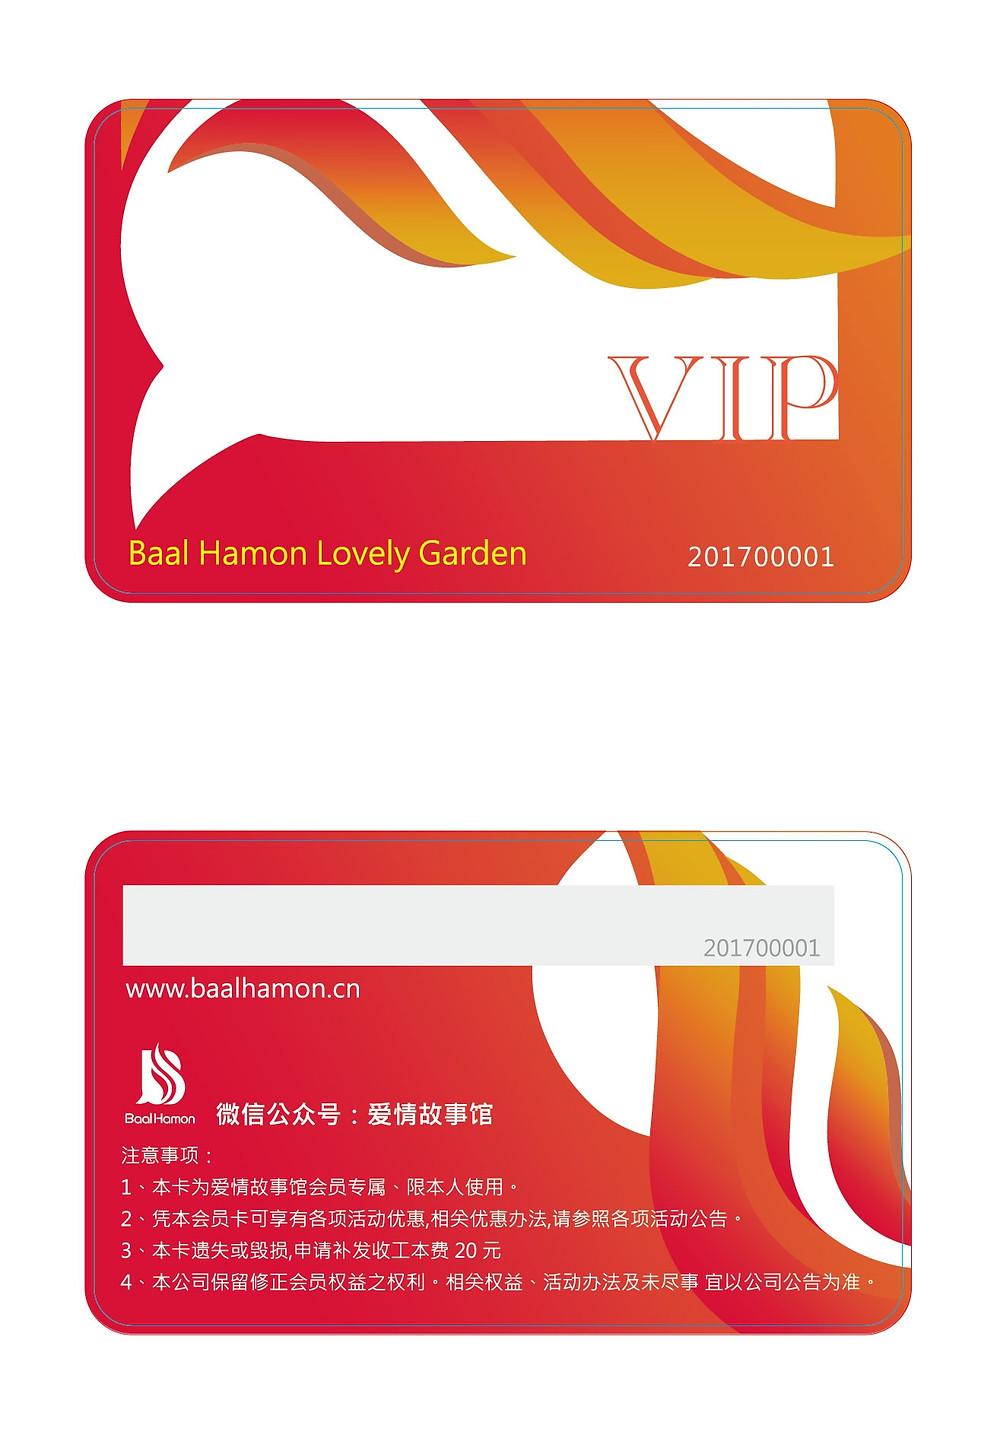 愛情故事館 VI視覺規劃 VIP卡片設計